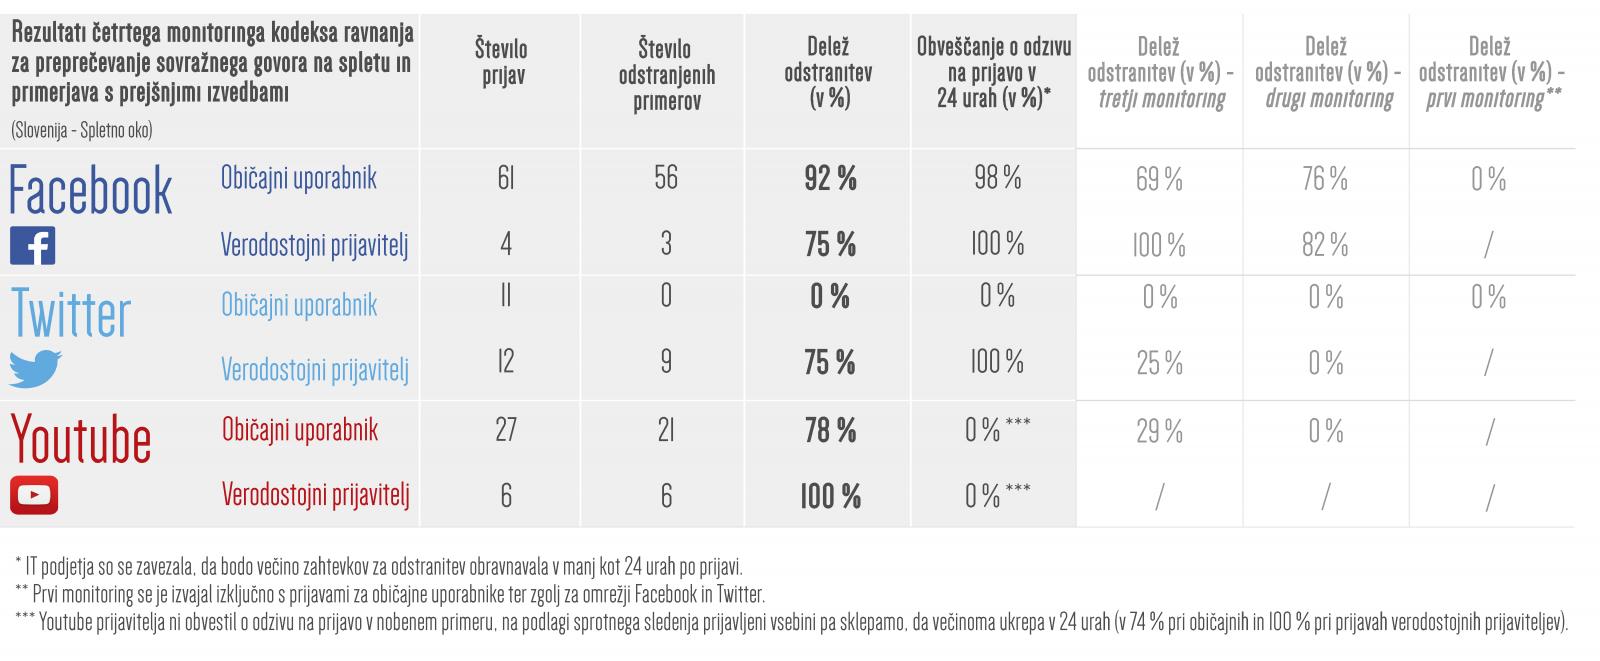 Rezultati četrtega spremljanja in primerjava s prejšnjimi izvedbami - Slovenija